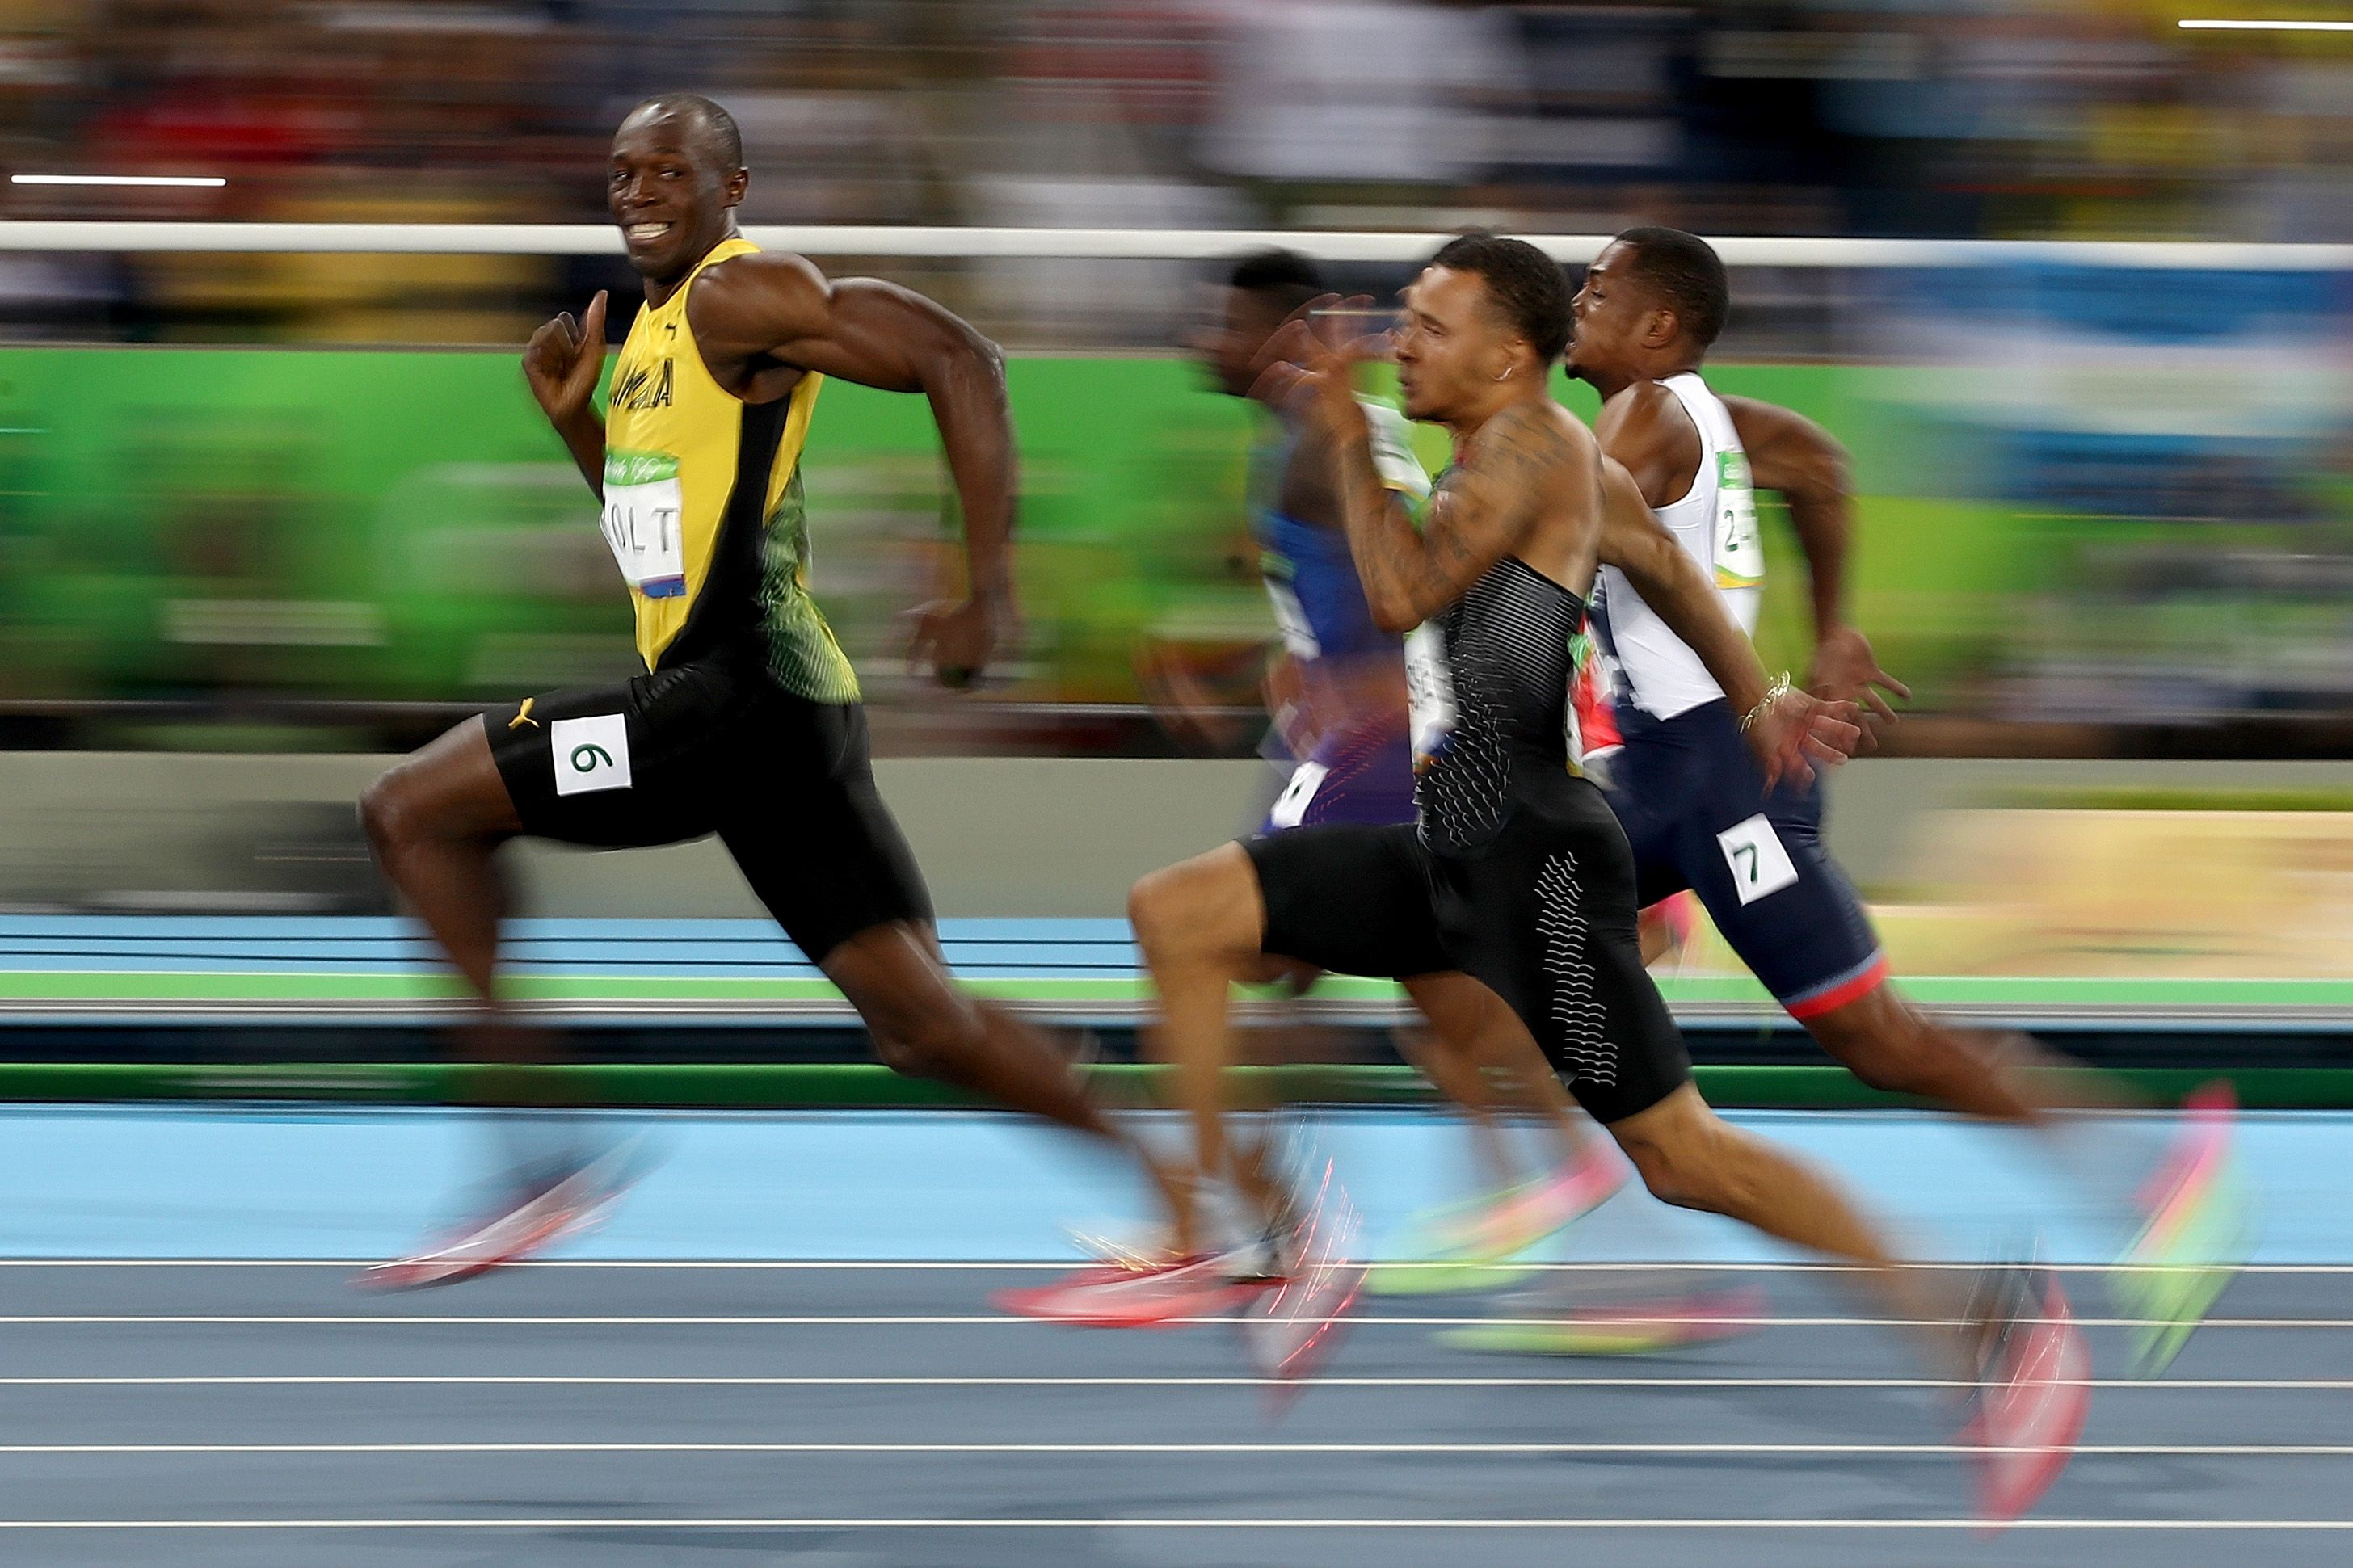 como mejorar el braceo en atletismo